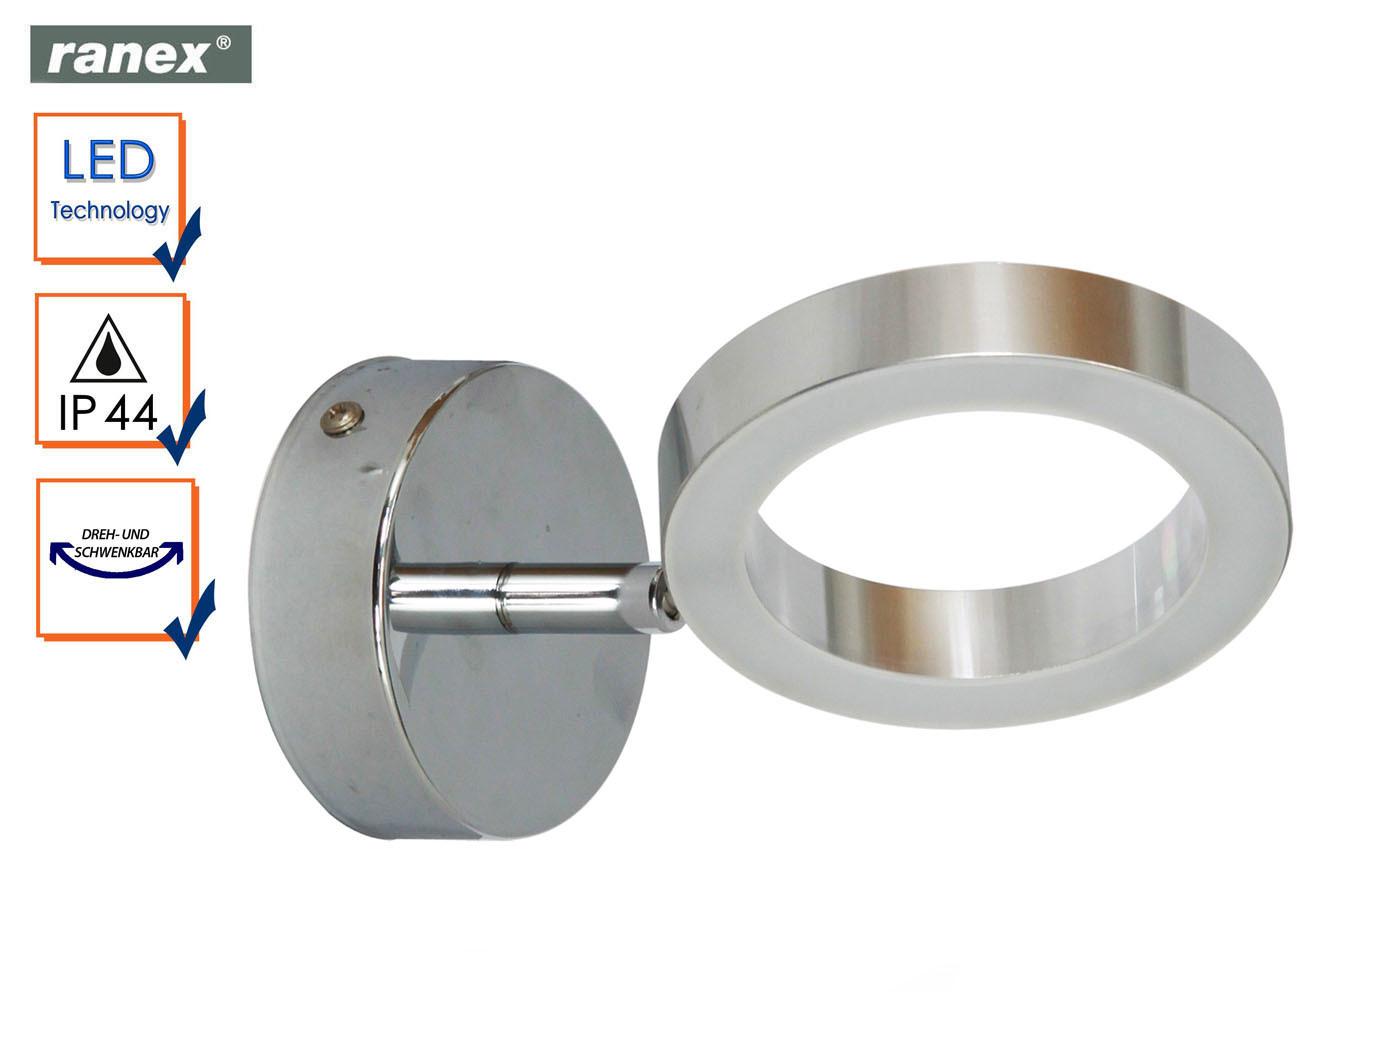 Details zu Moderne LED Wandleuchte ANZIO fürs Badezimmer, Spiegelleuchte  Bad schwenkbar